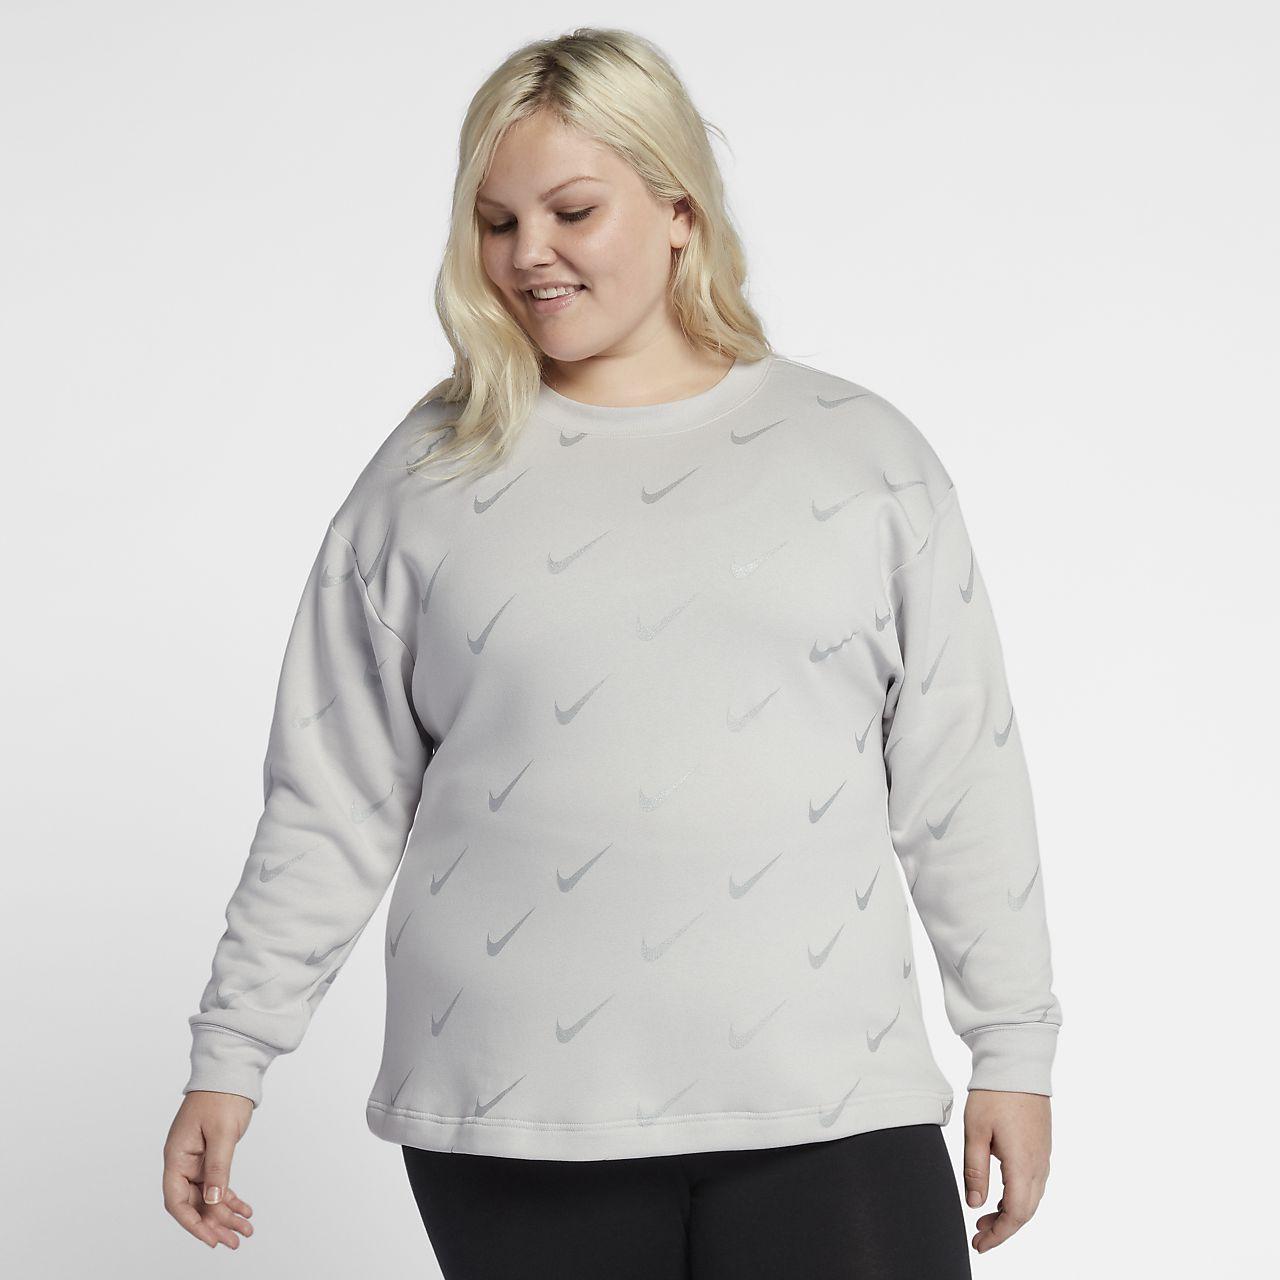 Tröja Nike Sportswear Rally med metalliskt tryck för kvinnor (stora storlekar)